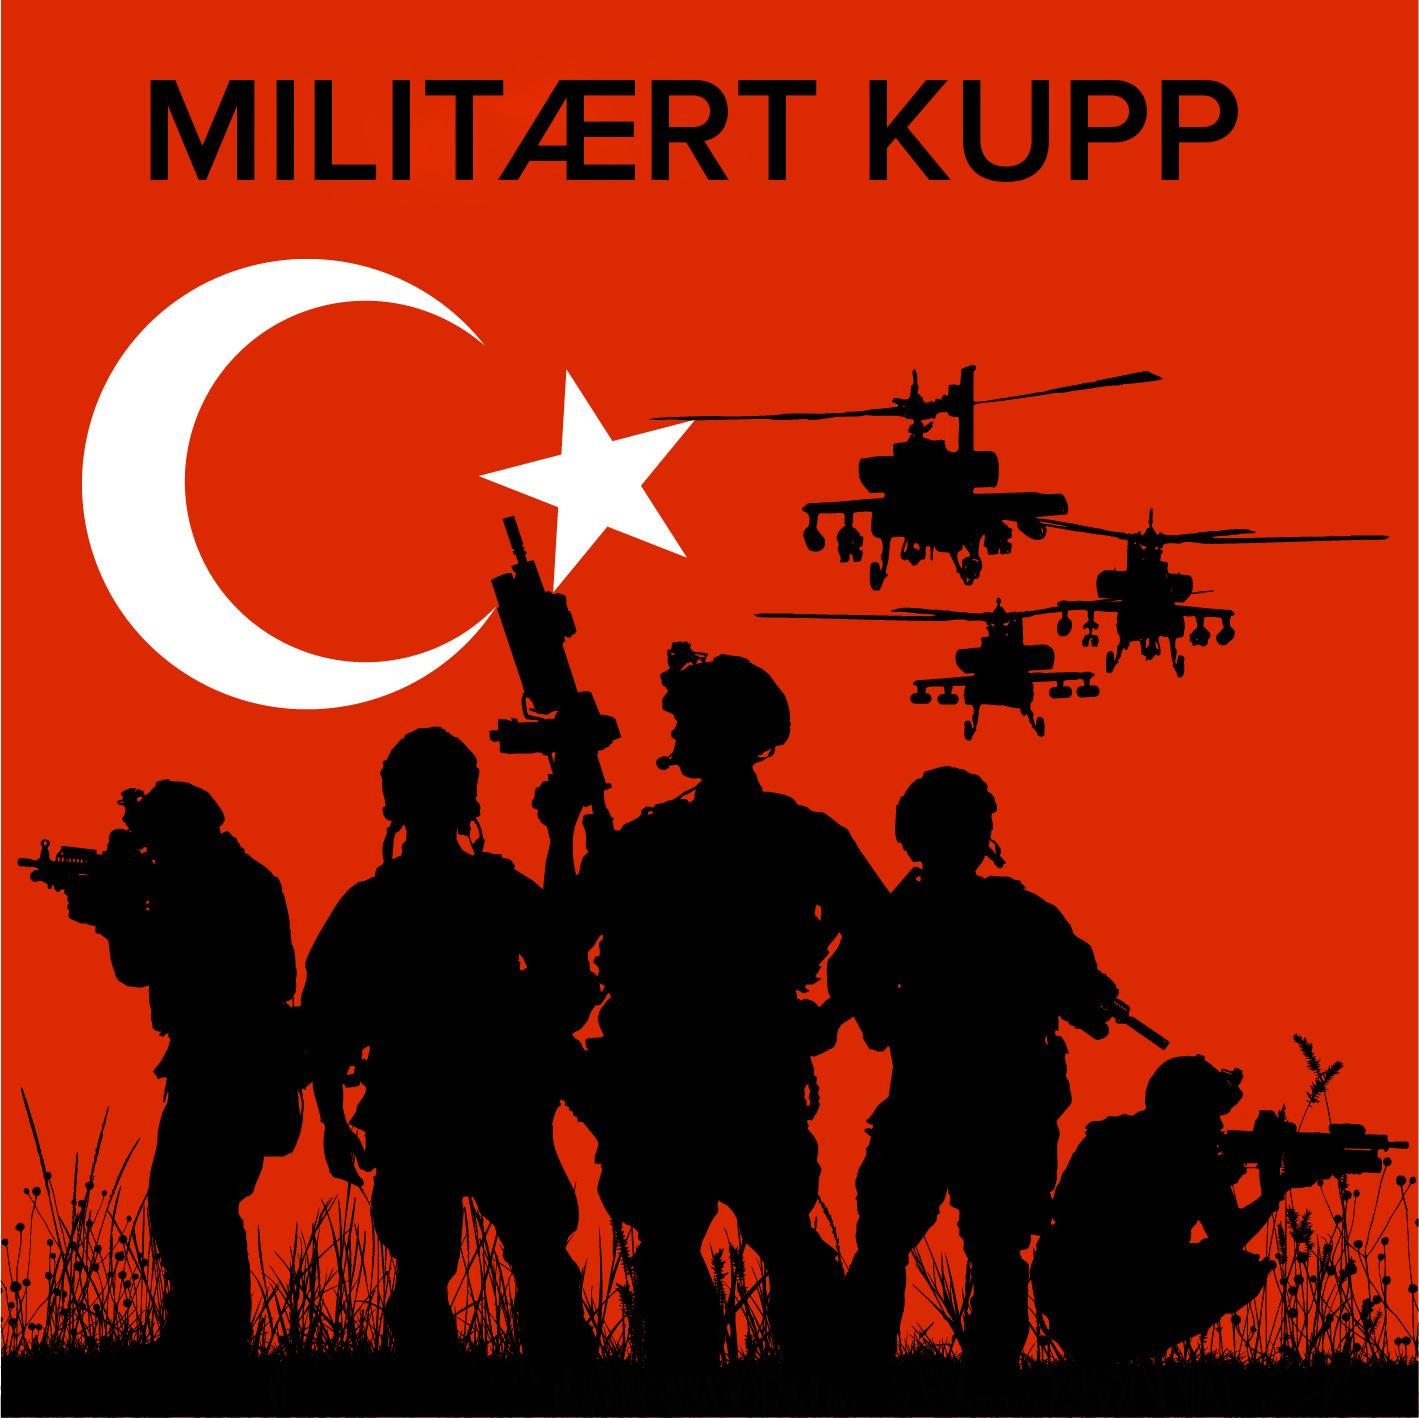 BRENNAKTUELT. Tyrkia har vært gjennom et svært urolig år 2016. Verden skvatt til i sommer da mange innen militæret i Tyrkia prøvde seg på maktovertagelse av staten med et militært kupp.